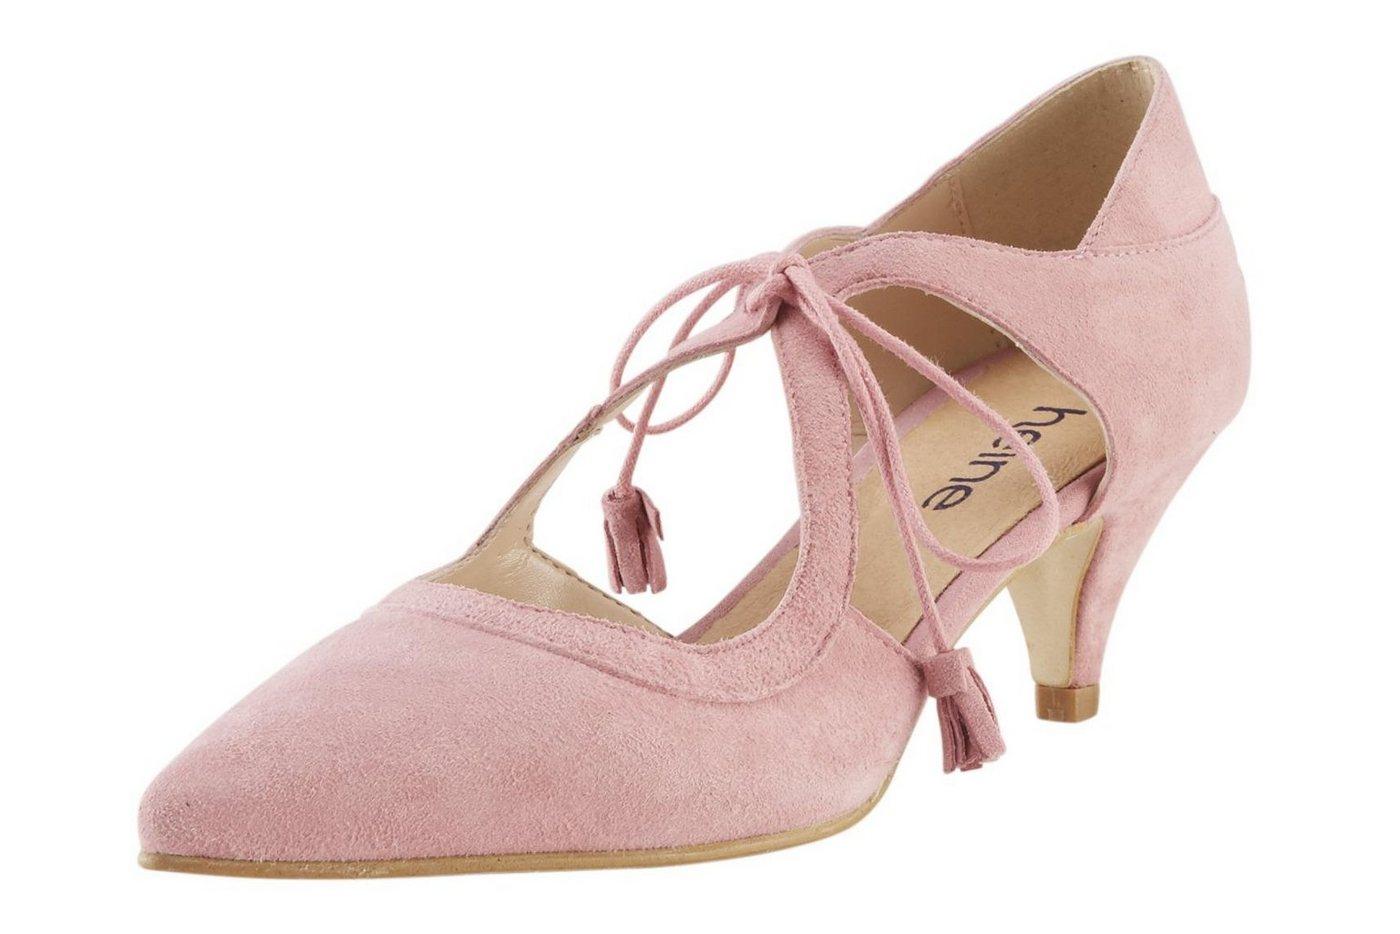 Heine Schnürpumps mit individueller Schnürung   Schuhe > Pumps > Schnürpumps   Rosa   heine